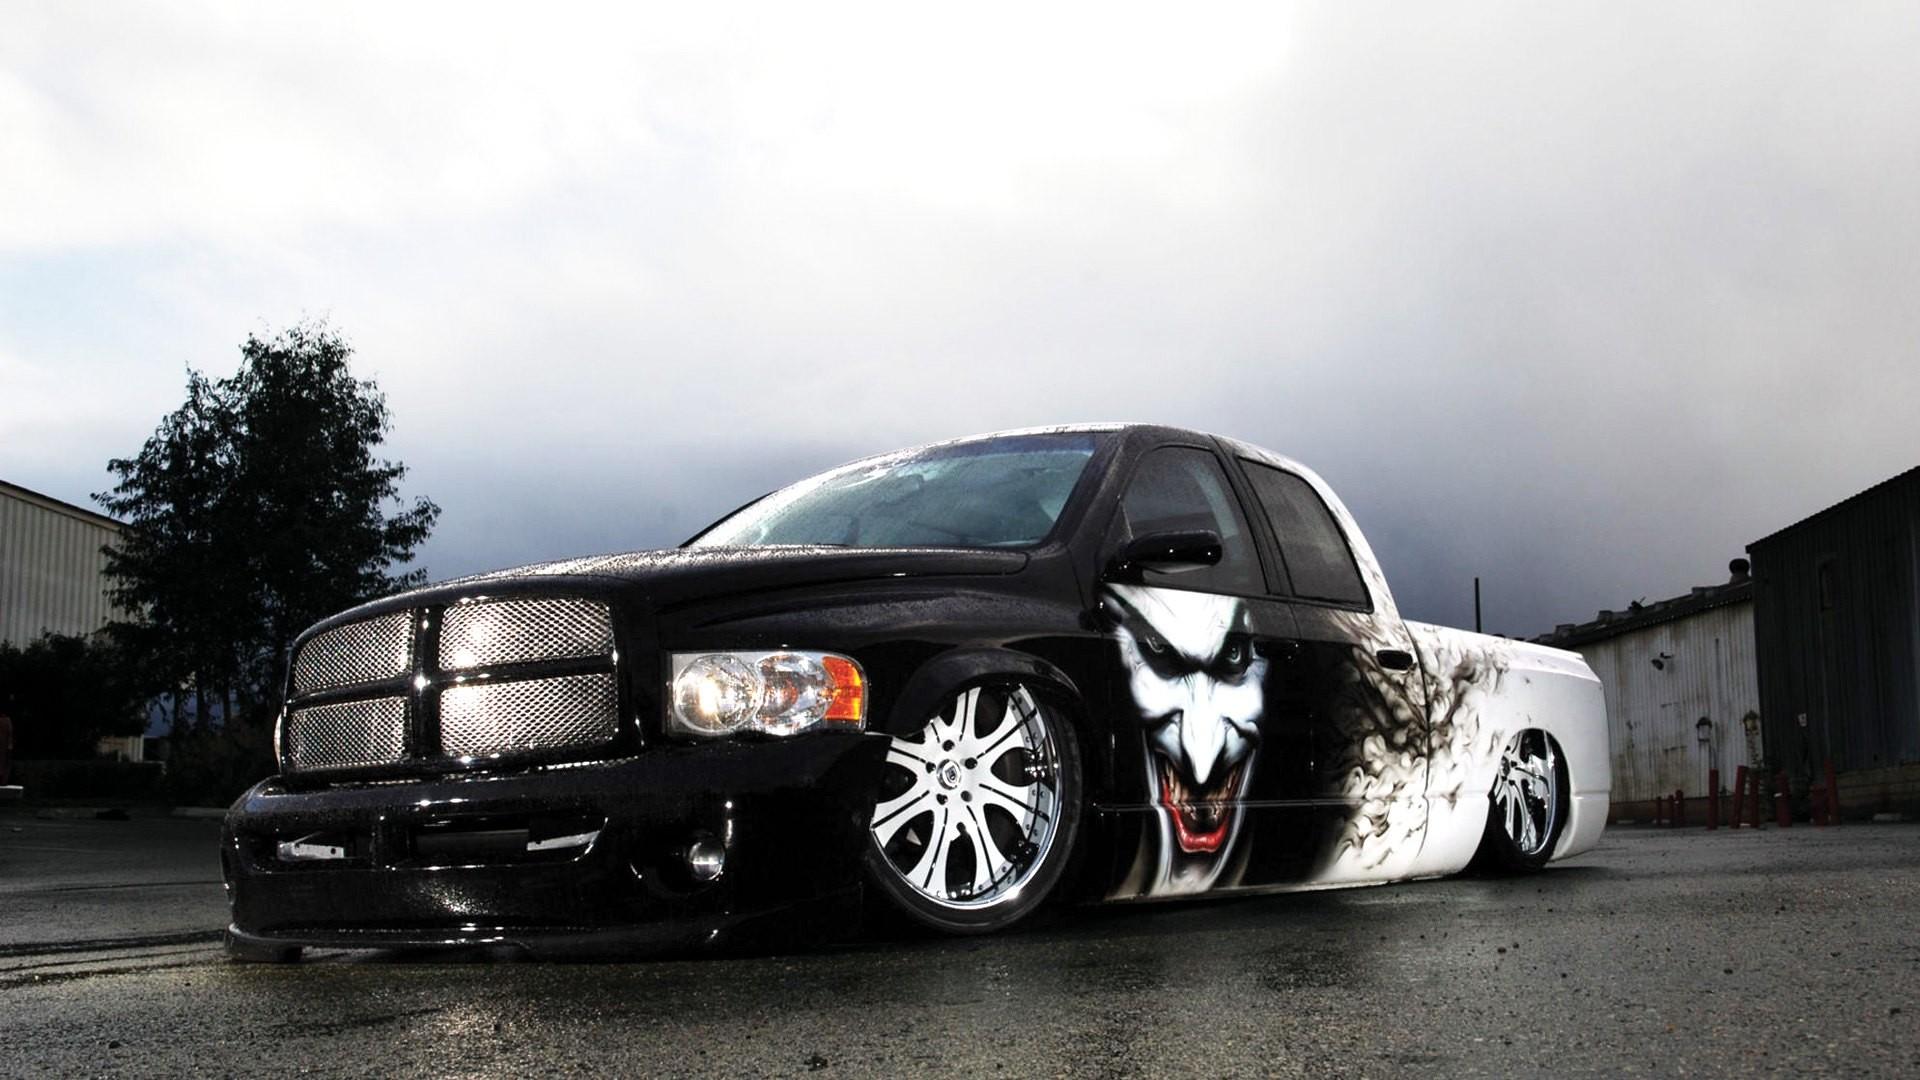 2560x1600 2013 Dodge Ram 3500 4x4 Truck E Wallpaper